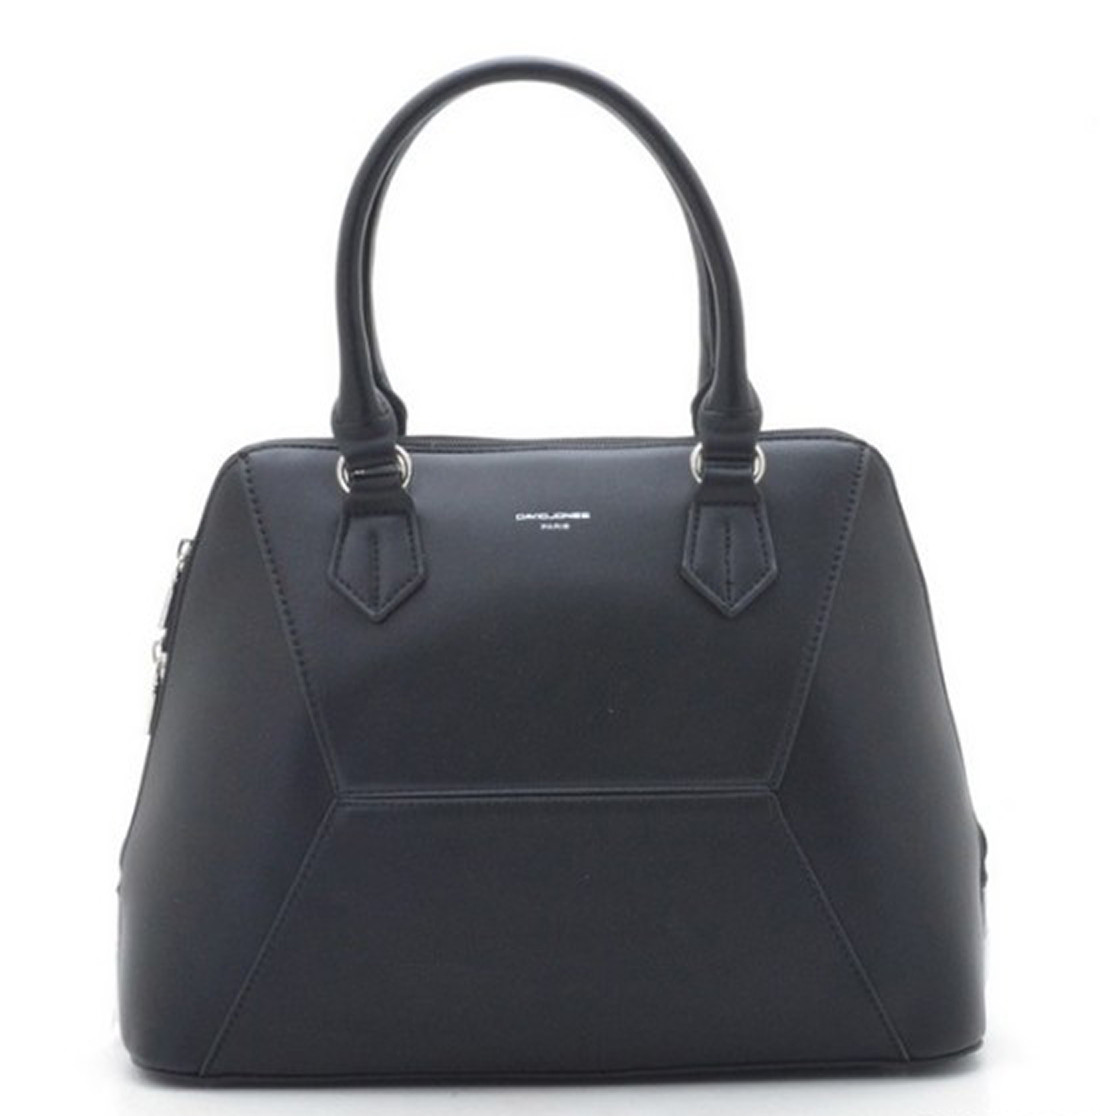 Женска сумка David Jones 26 x 33 x 13 см Черный (dj5709-3t/1)